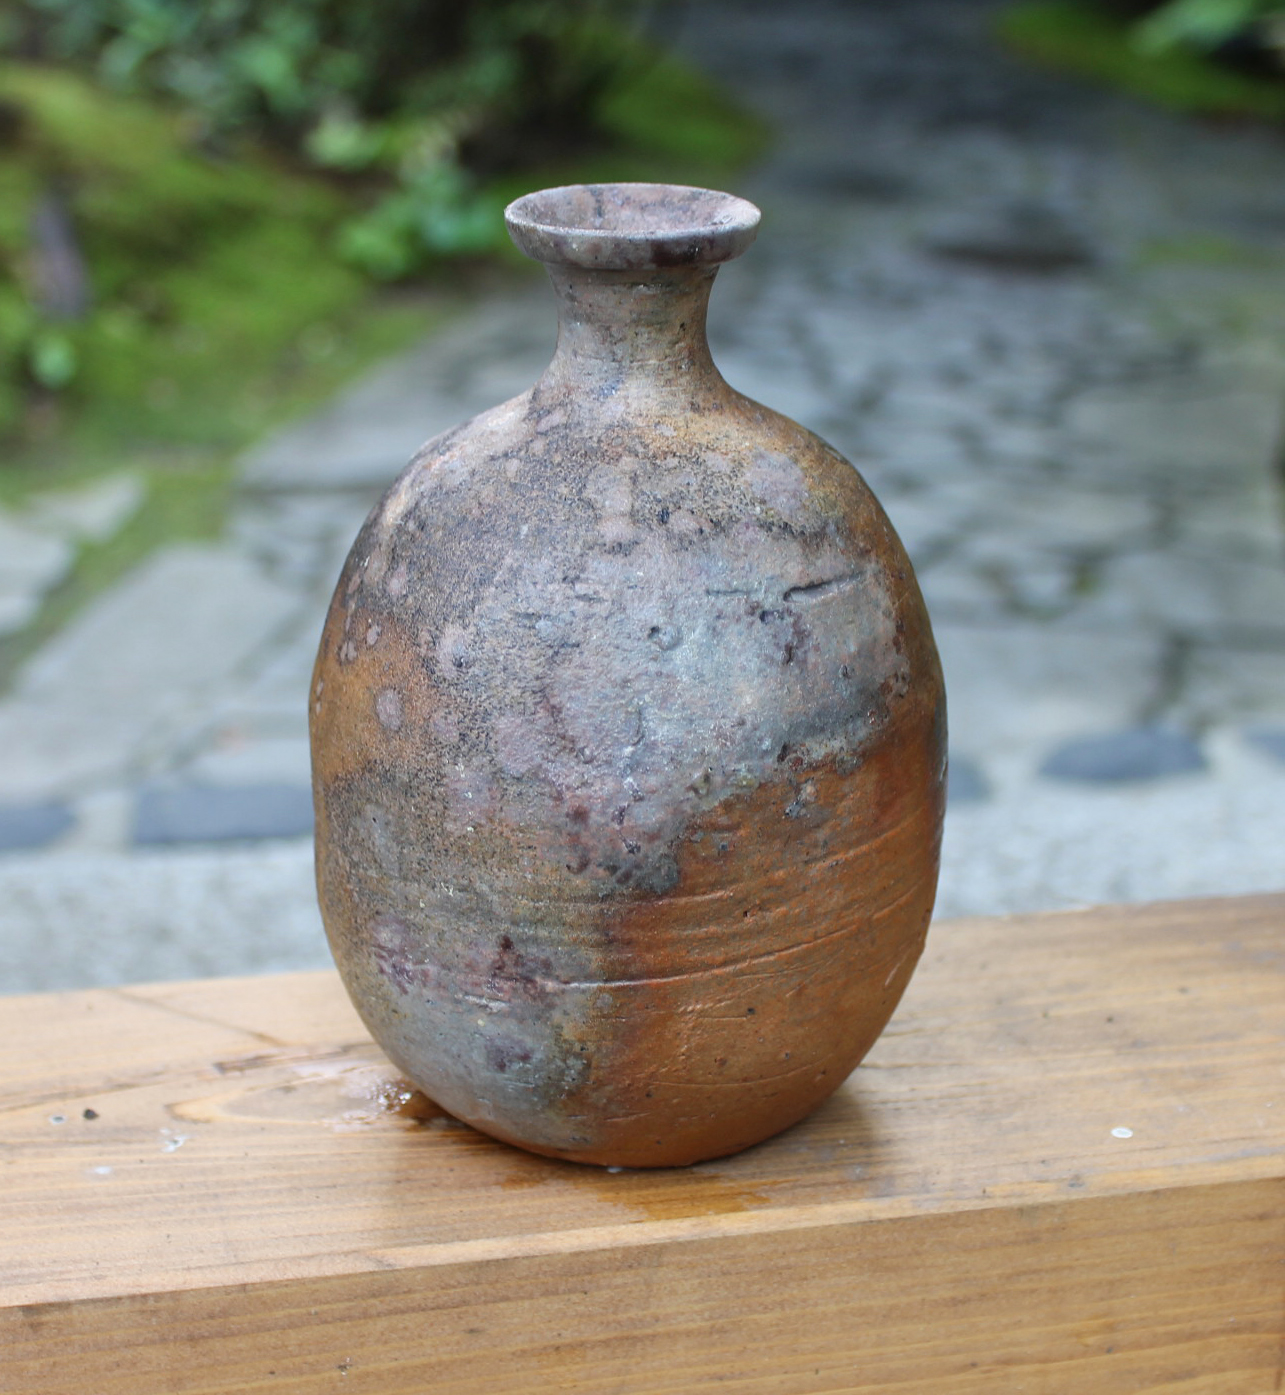 Fired Within the Largest Kiln: This Mori Togaku Bizen Tokkuri